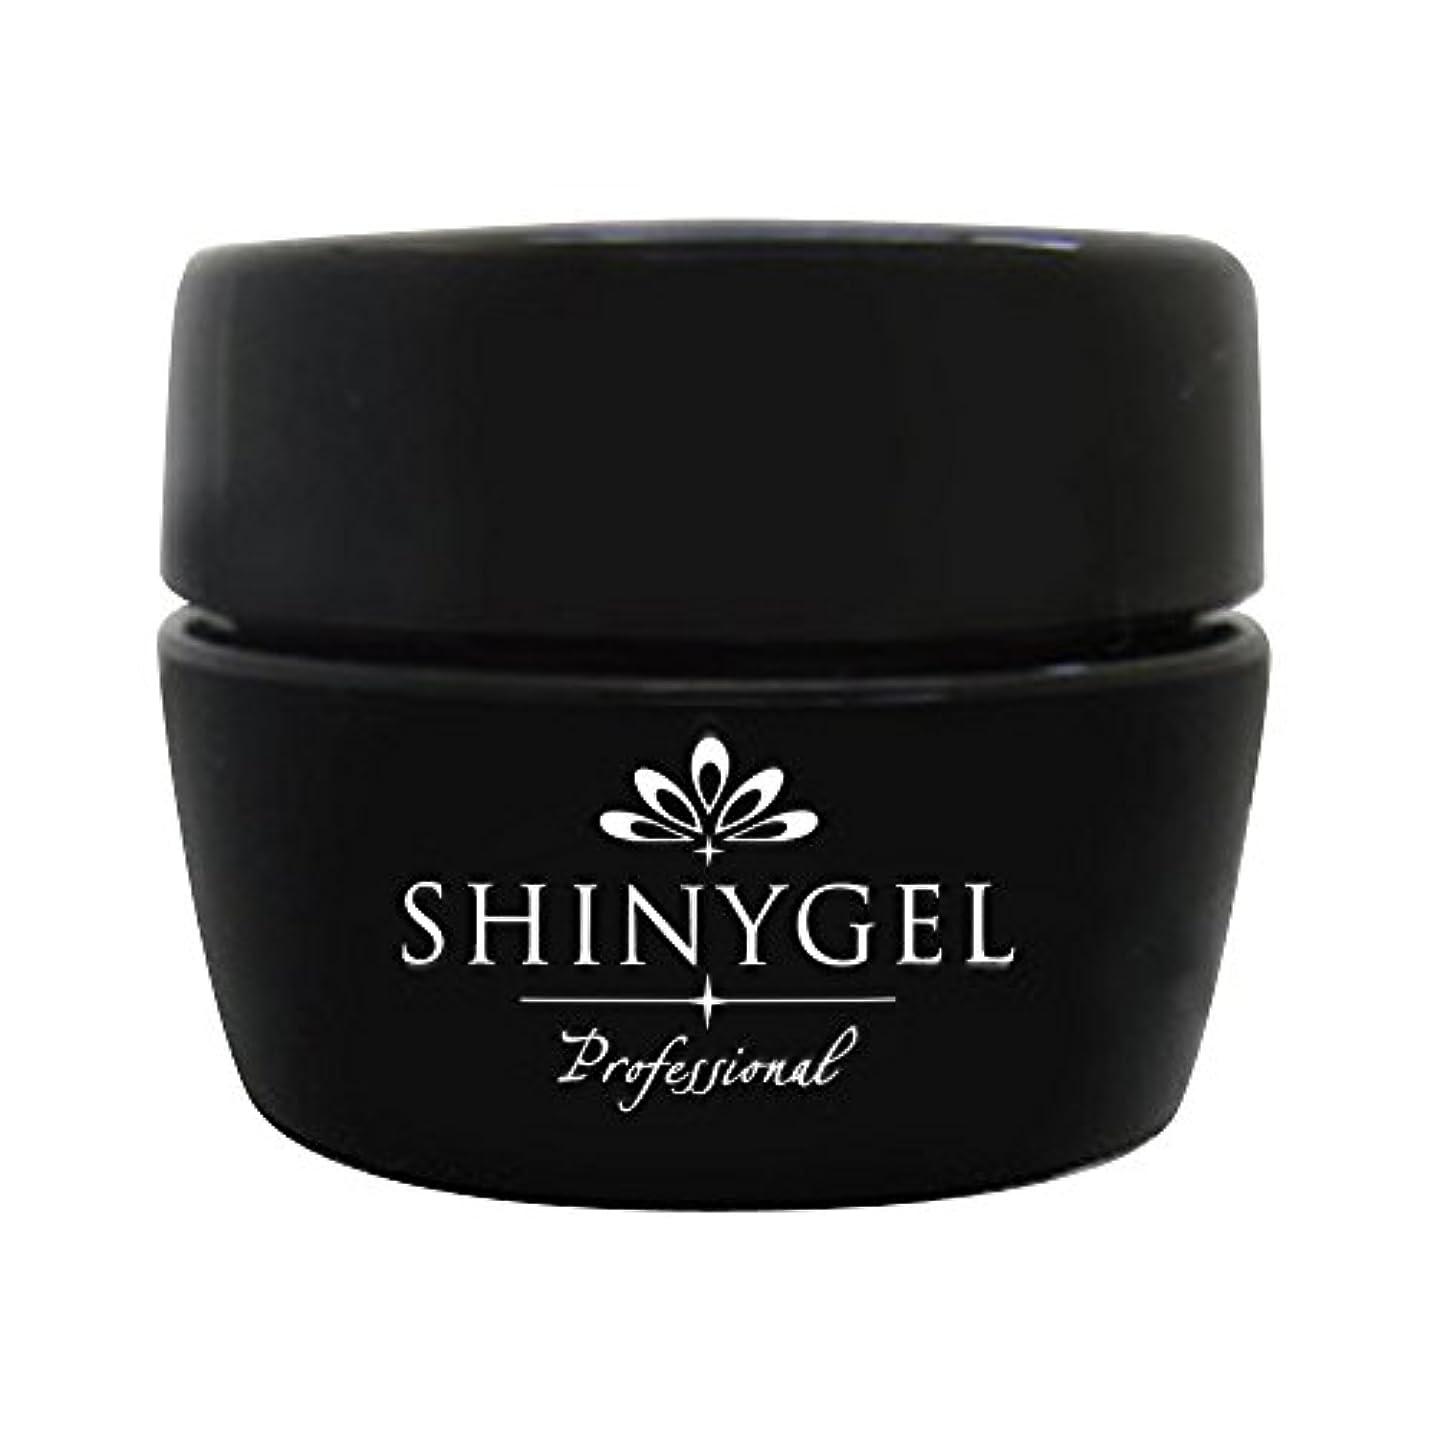 SHINY GEL カラージェル 150 4g シャンパンロゼ シルバーラメをミックスしたラメローズ JNA検定色 UV/LED対応